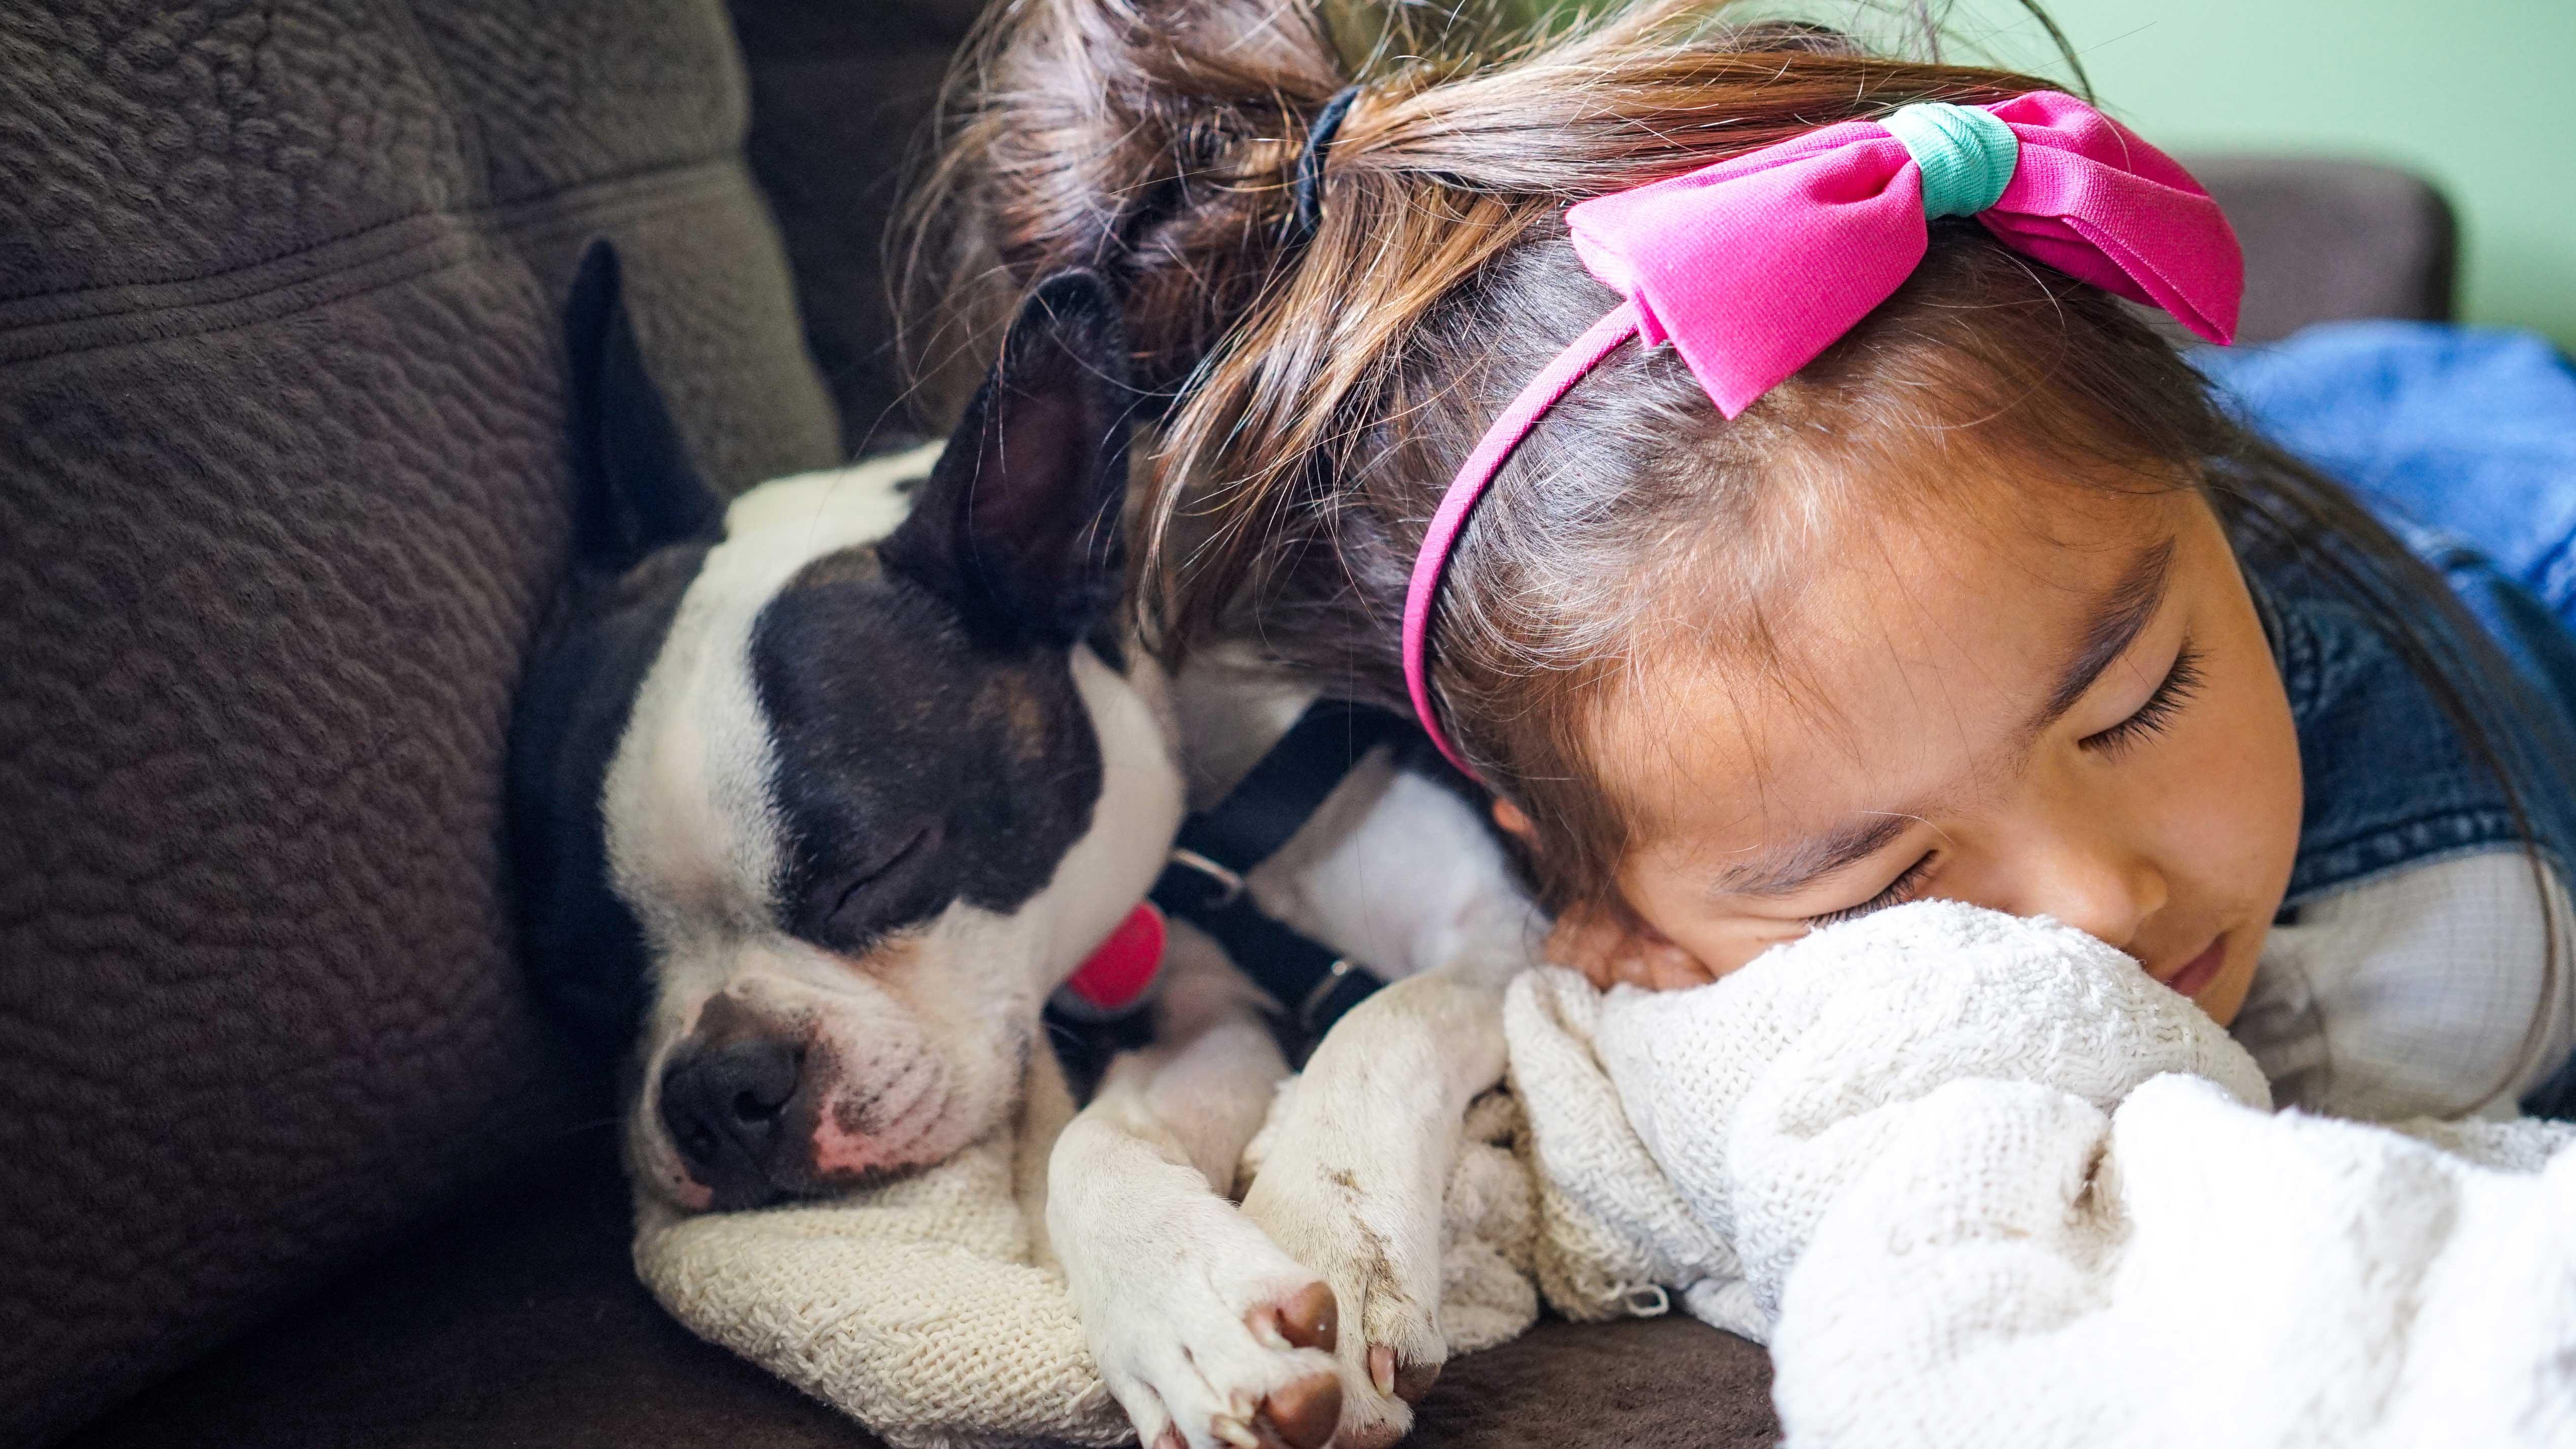 Animal de estimação: Por que meu filho deve ter um? - Menina adormecida ao lado de cachorro no sofá.